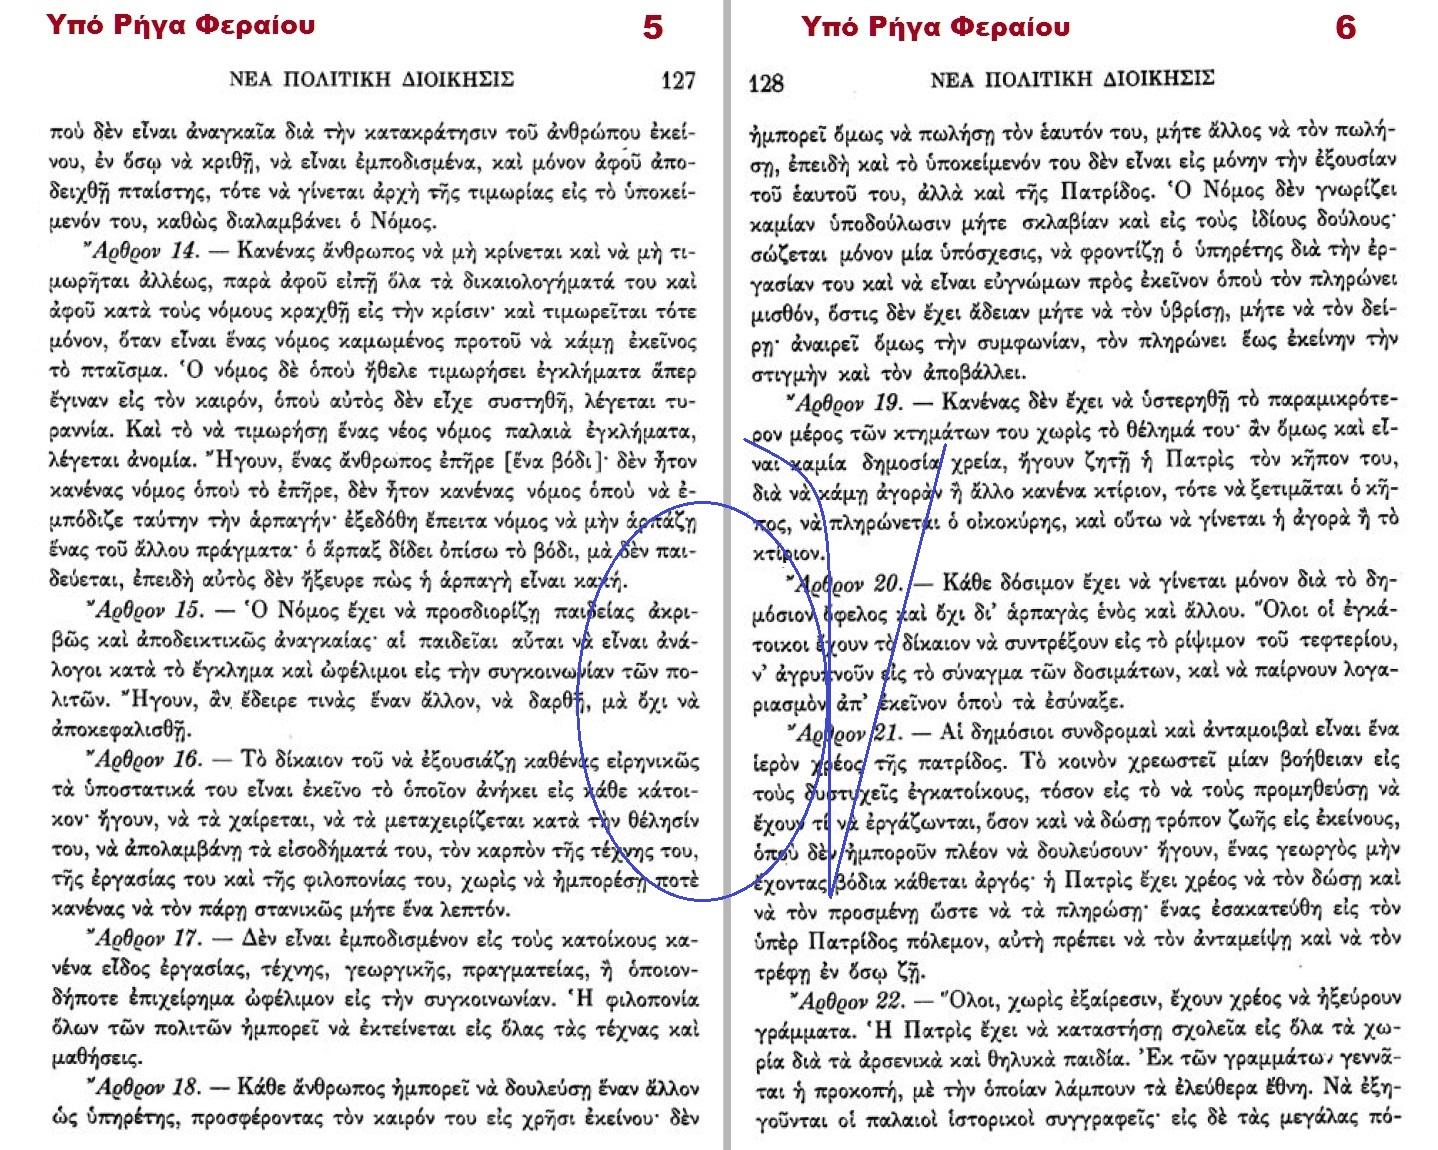 ΝΕΑ ΠΟΛΙΤΙΚΗ ΔΙΟΙΚΗΣΙΣ ΡΗΓΑ ΦΕΡΑΙΟΥ 5-6